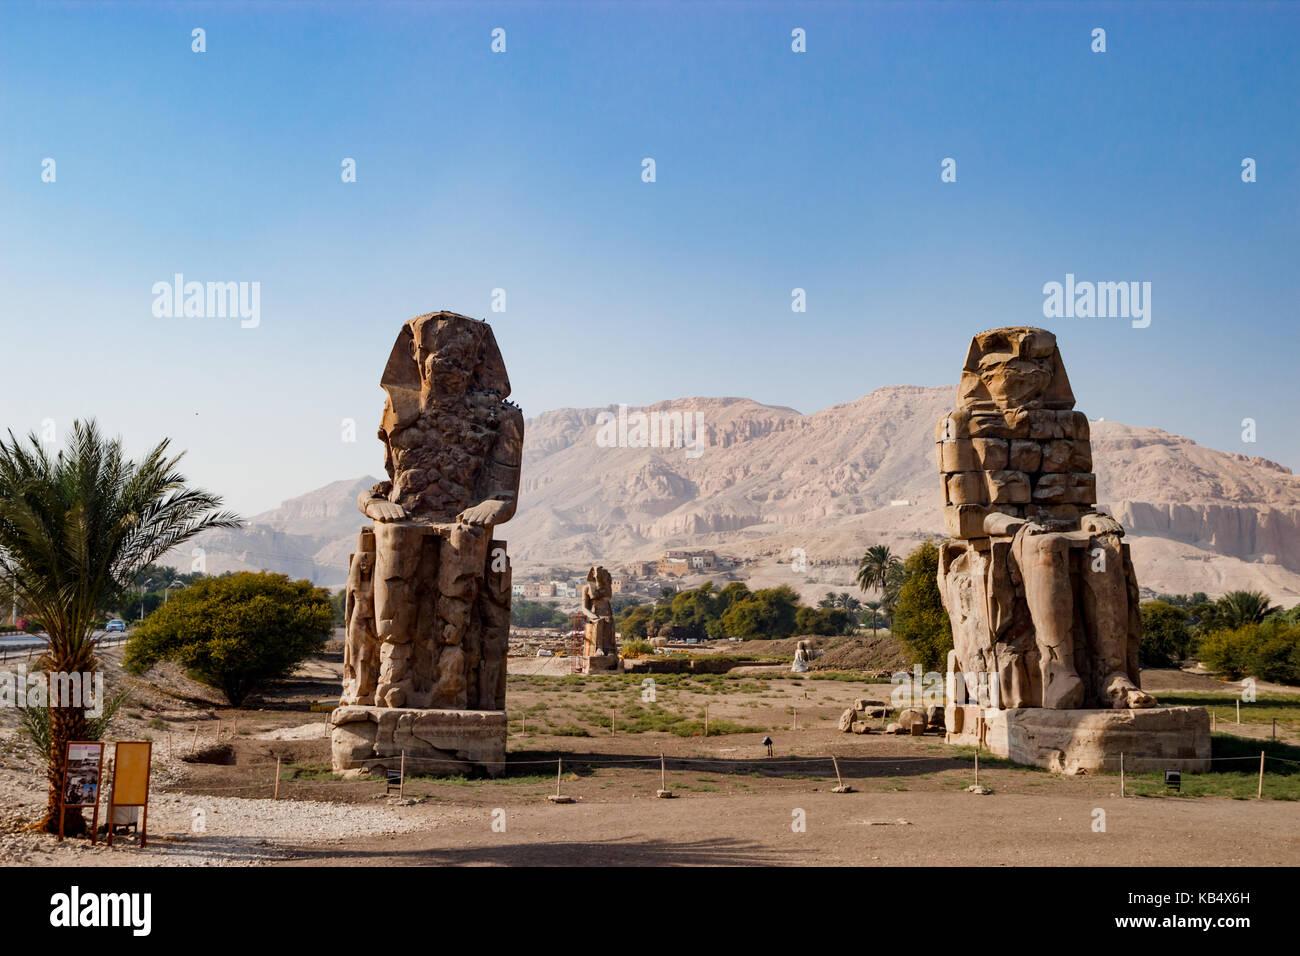 Le rovine di statue di Luxor, Egitto Immagini Stock